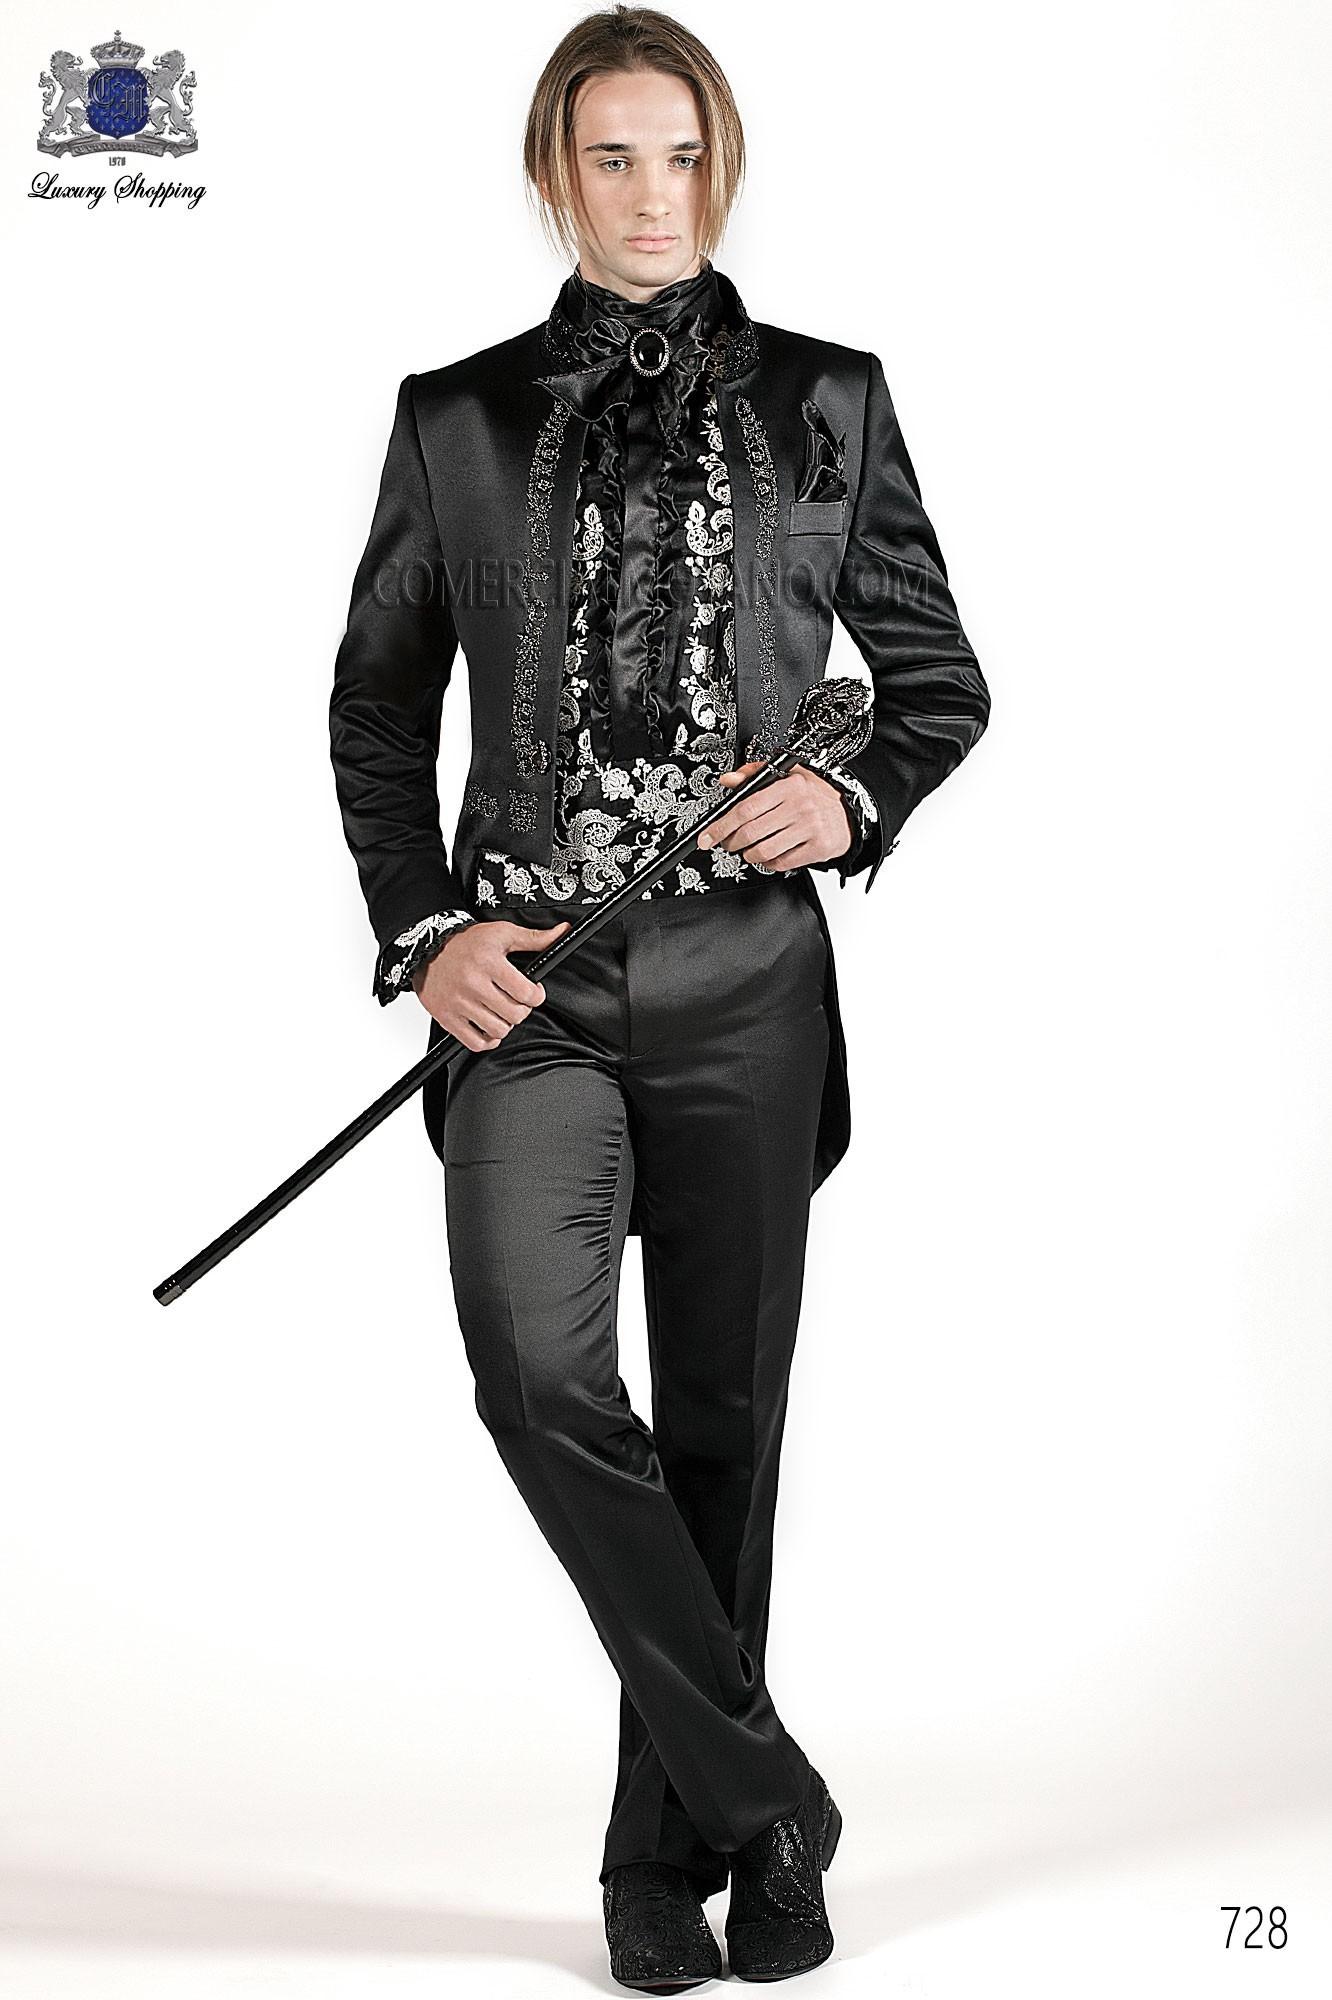 Traje de novio italiano Frac en raso negro con bordado drako en plata y cuello Mao con pedredria, modelo 728 Ottavio Nuccio Gala colección Barroco 2015.